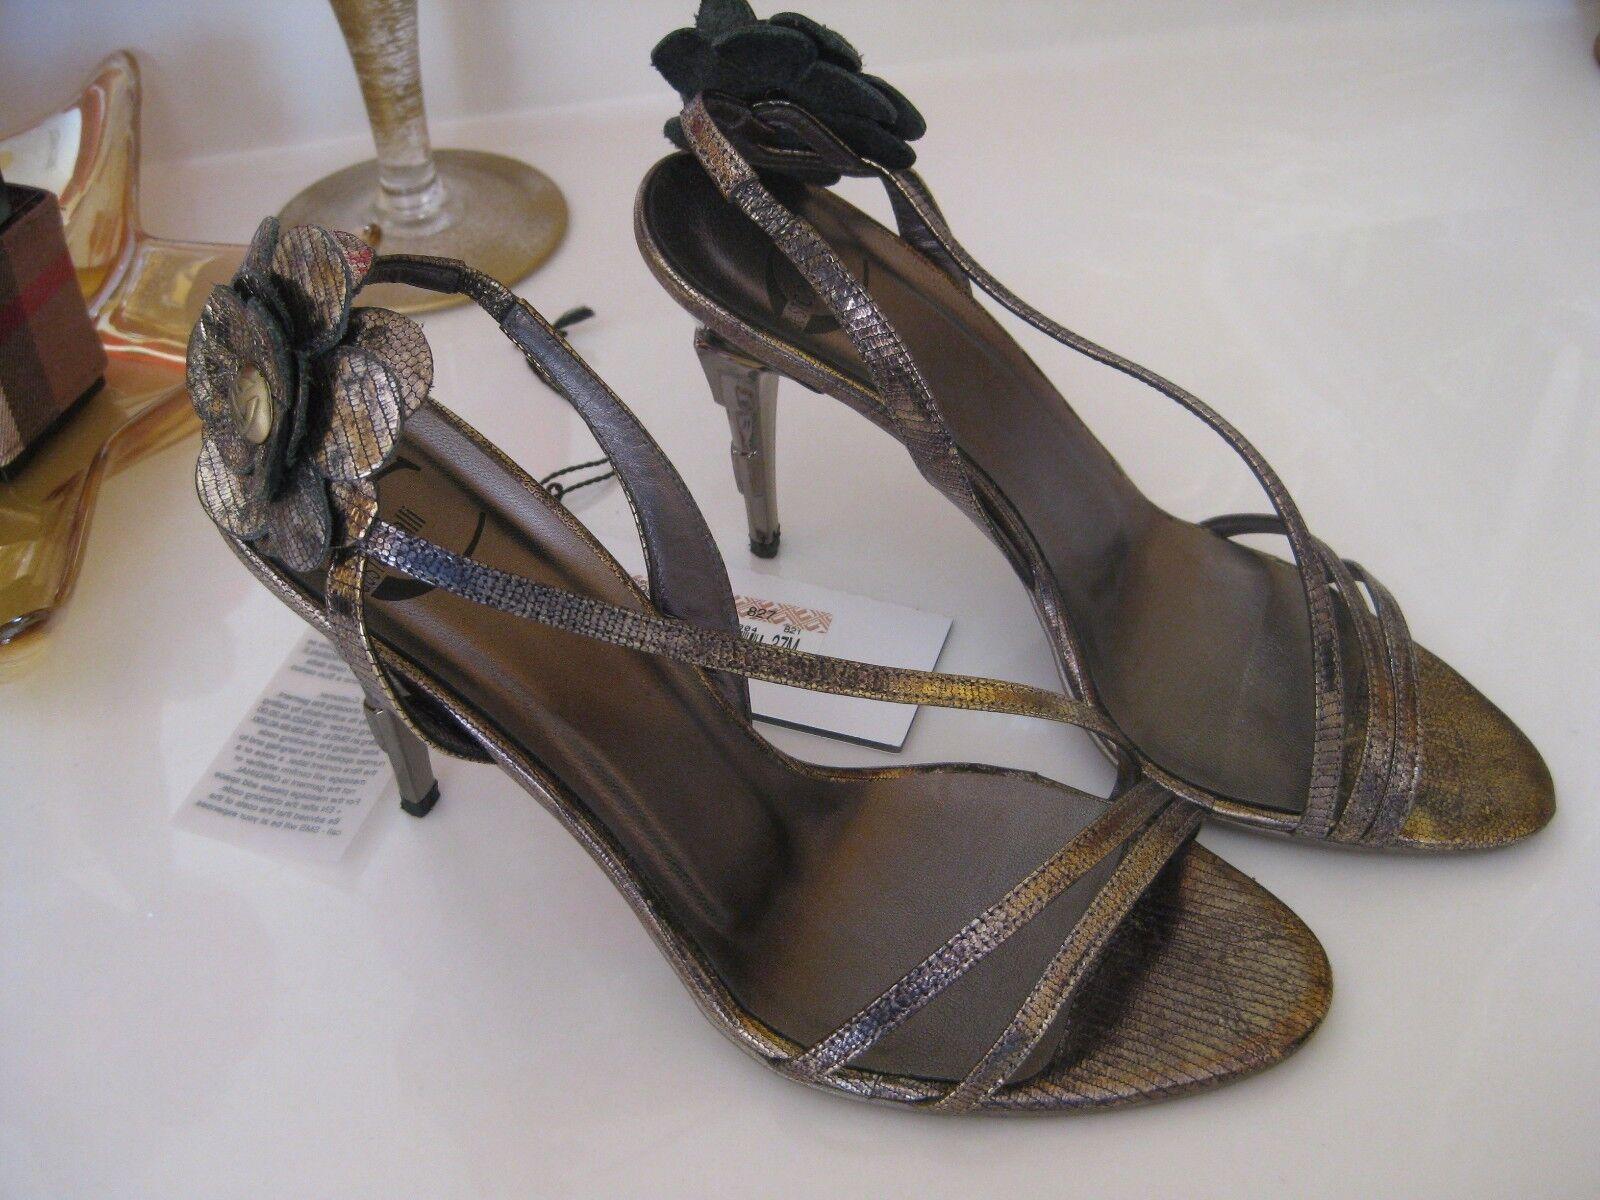 JUST CAVALLI Étain Chaussures Avec Fleur Accent 37.5 M